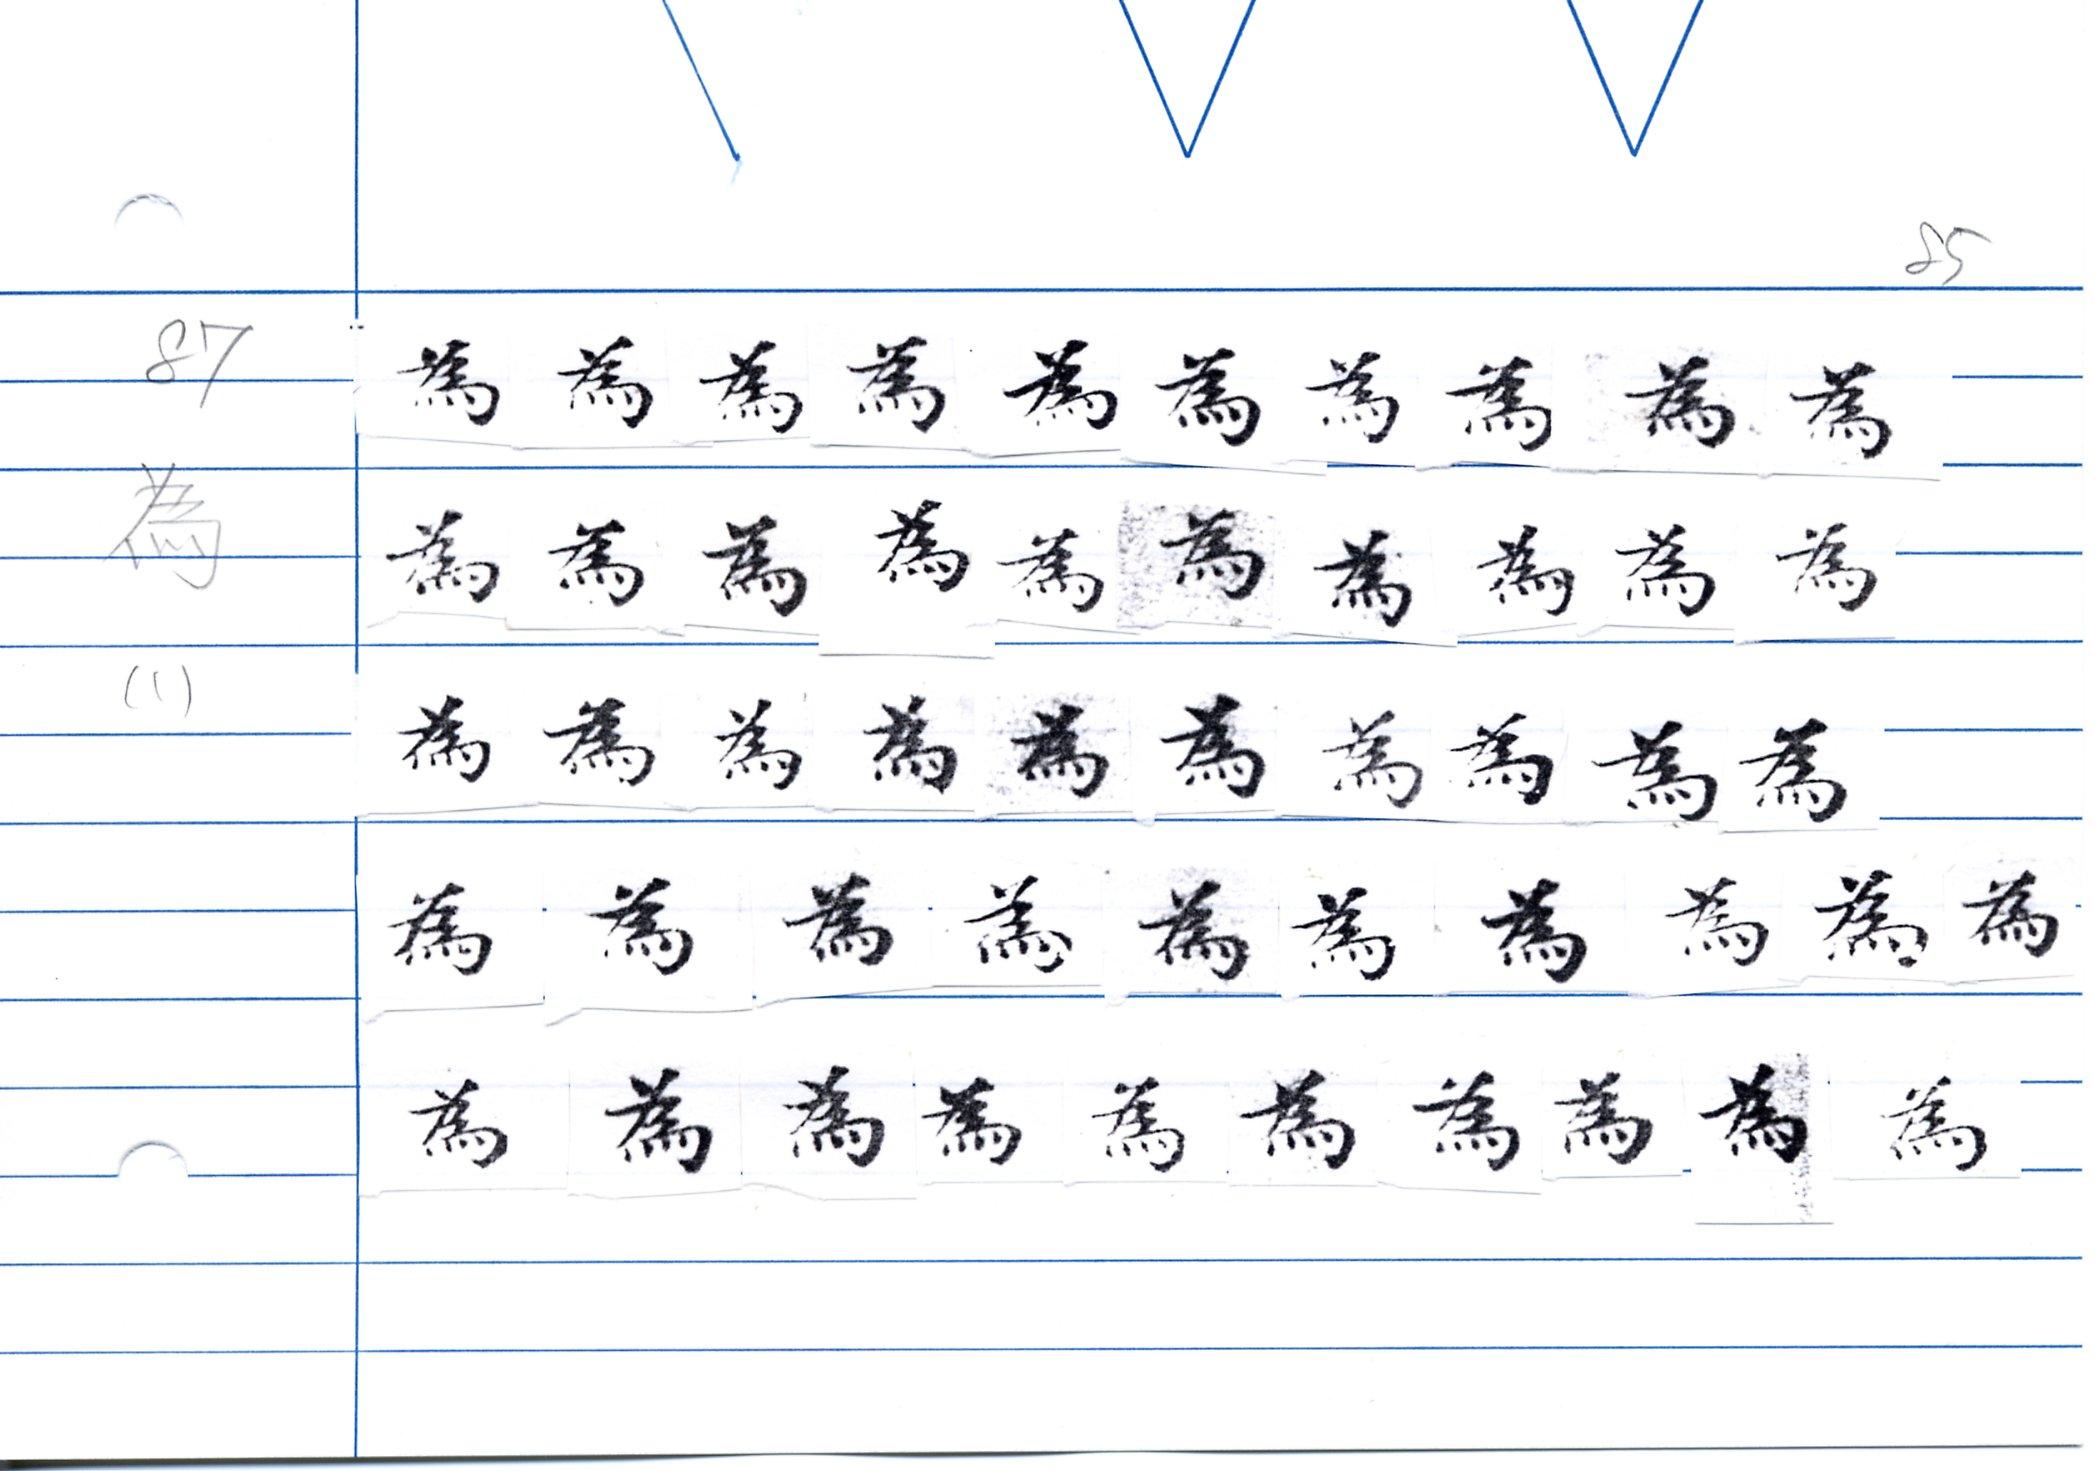 54_大般若經卷二百五十(和銅經)/cards/0179.JPG